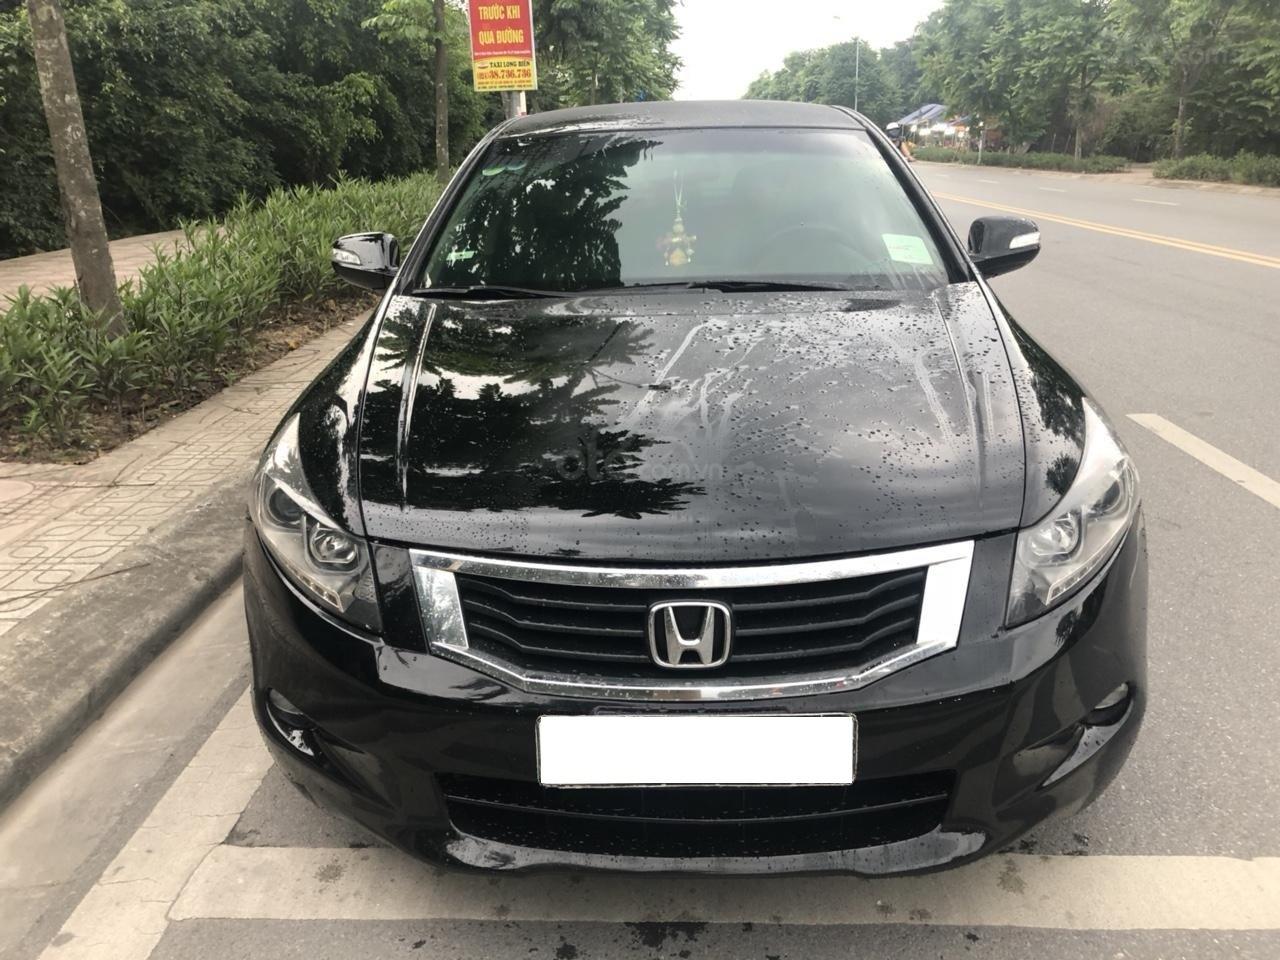 Bán ô tô Honda Accord 2.0 năm sản xuất 2010, màu đen, nhập khẩu nguyên chiếc (3)